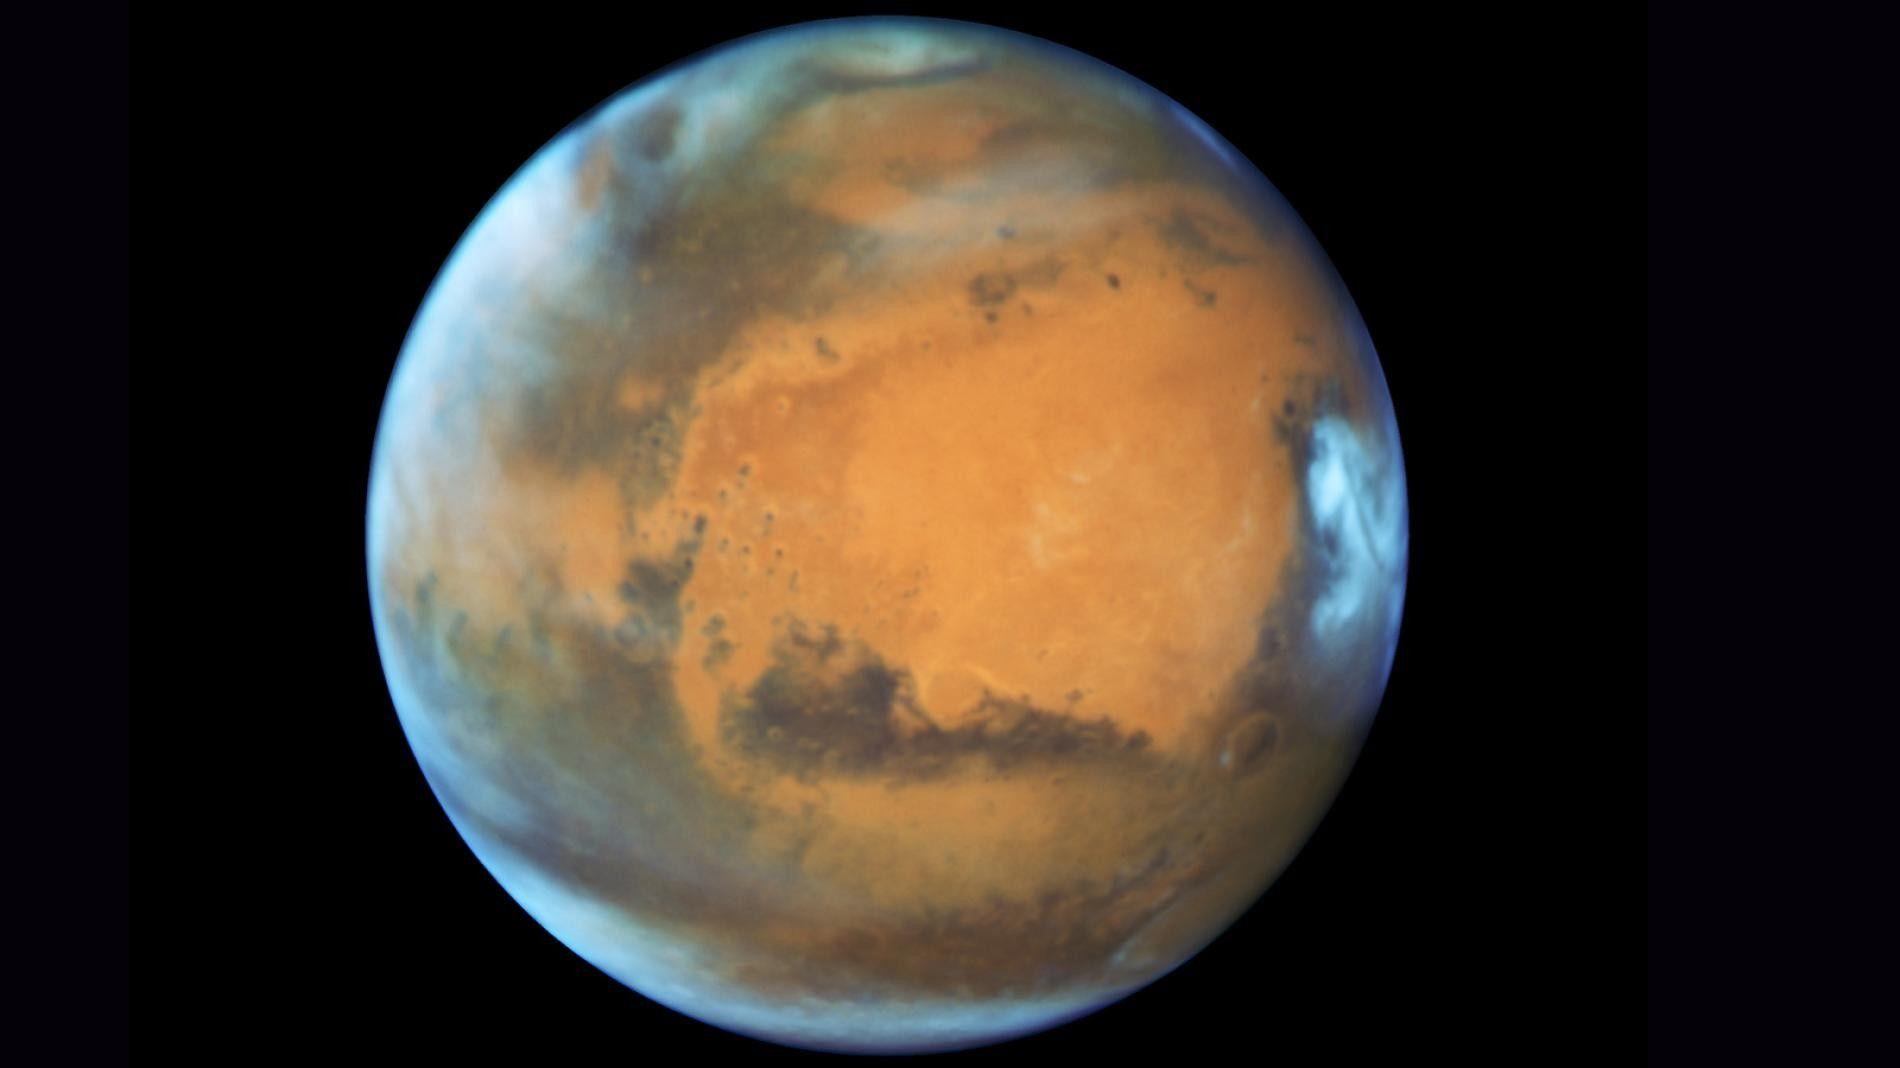 Découverte : Mars aurait été habitable bien avant la Terre | National Geographic